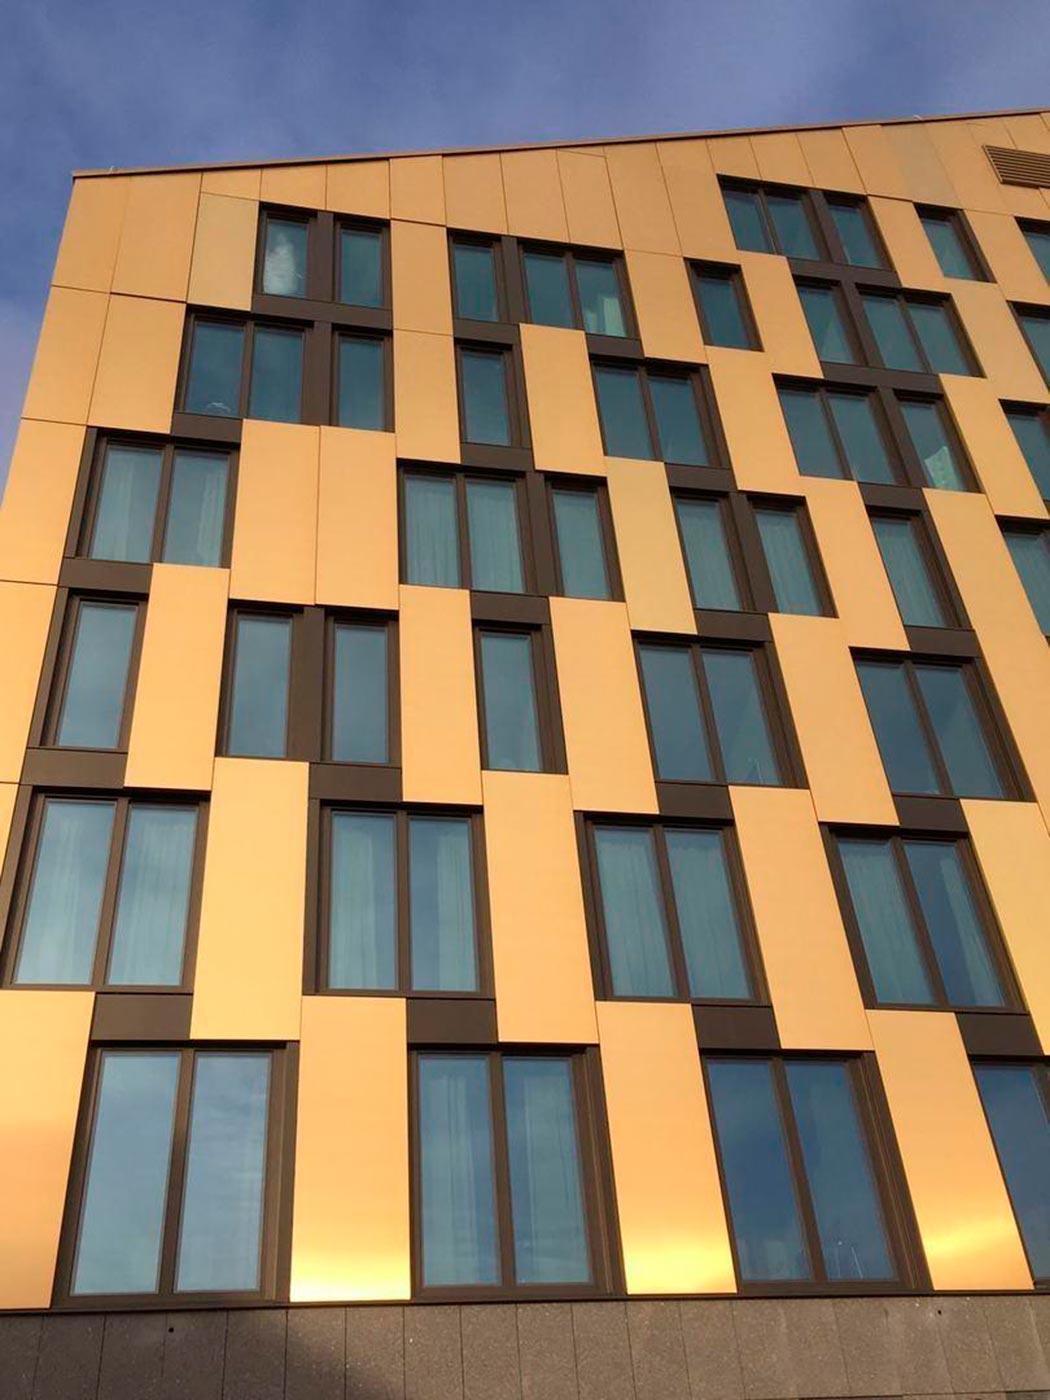 Elite-Hotel-Academia-in-Uppsala--Sweden_1_1593095339.jpg